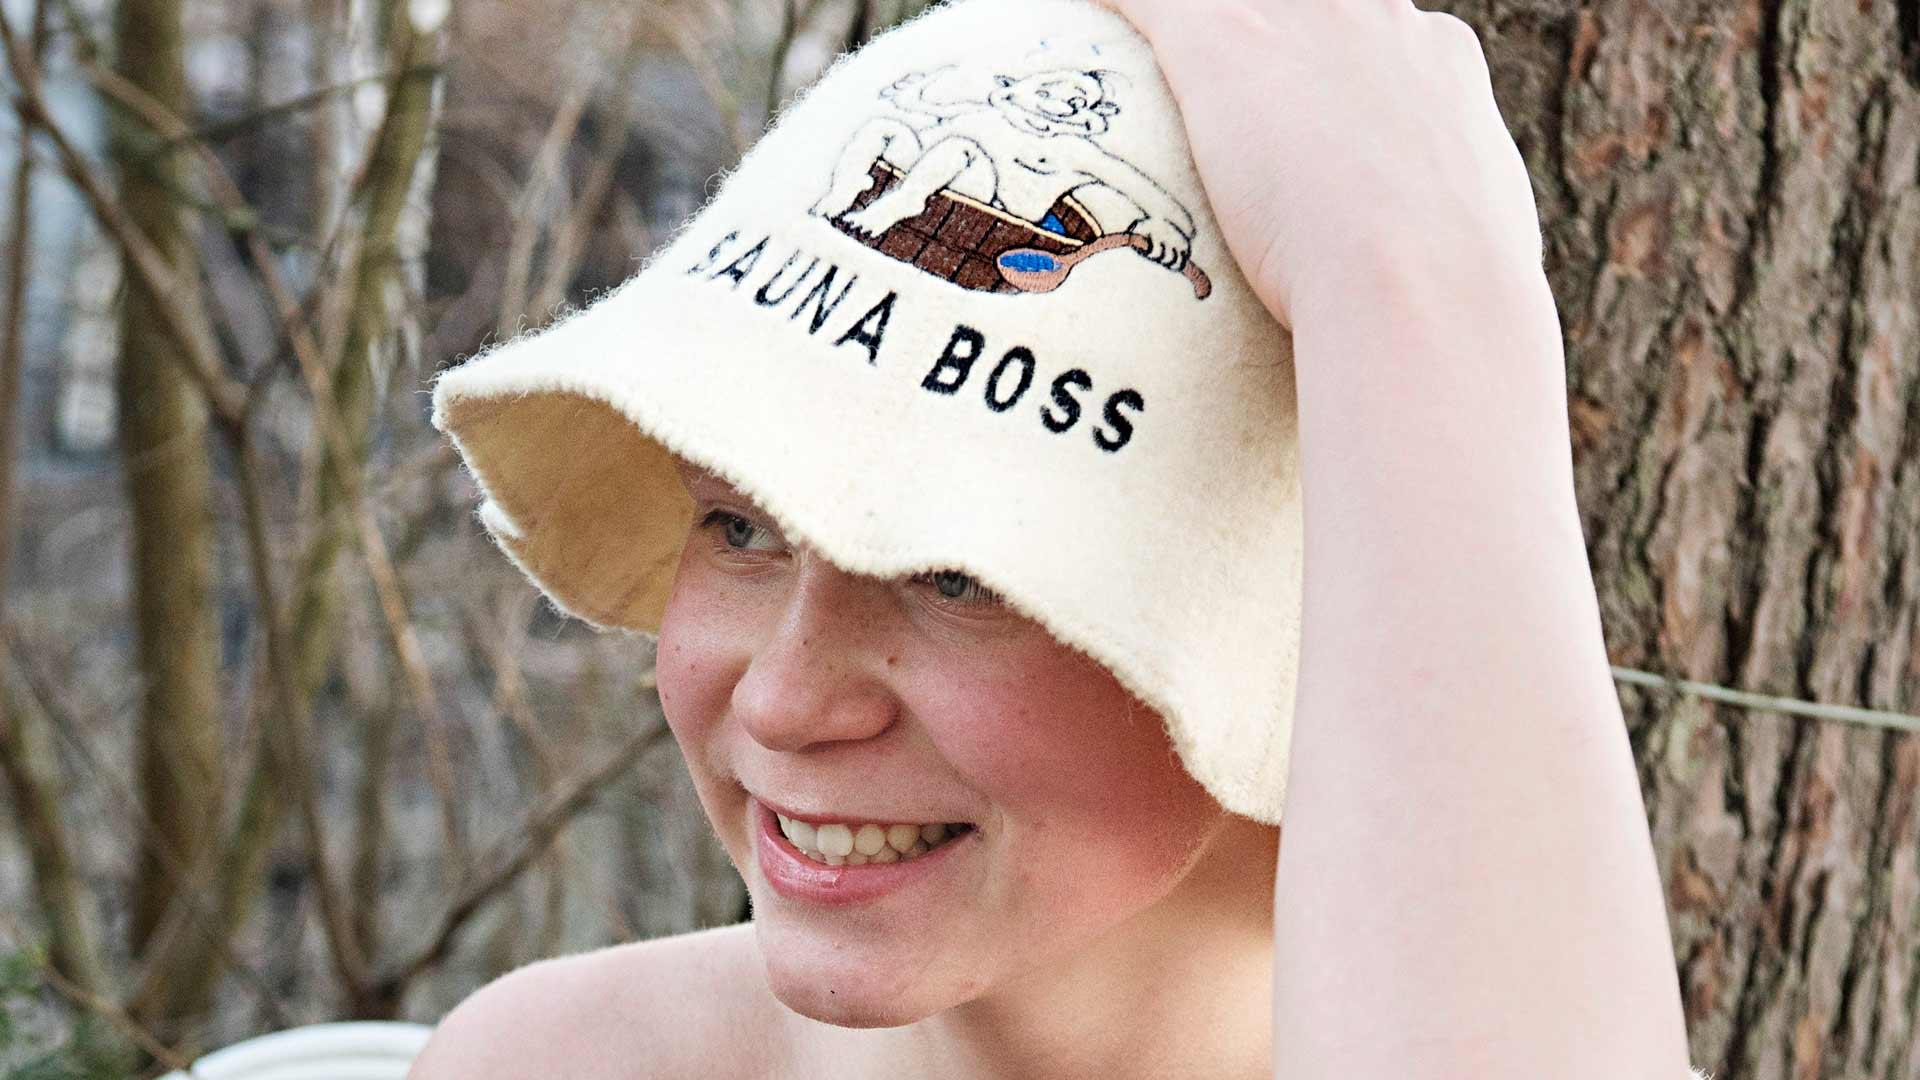 Aarnen Tallinnasta ostama tuliaissaunahattu kuuluu edelleen saunan vakiorekvisiittaan.